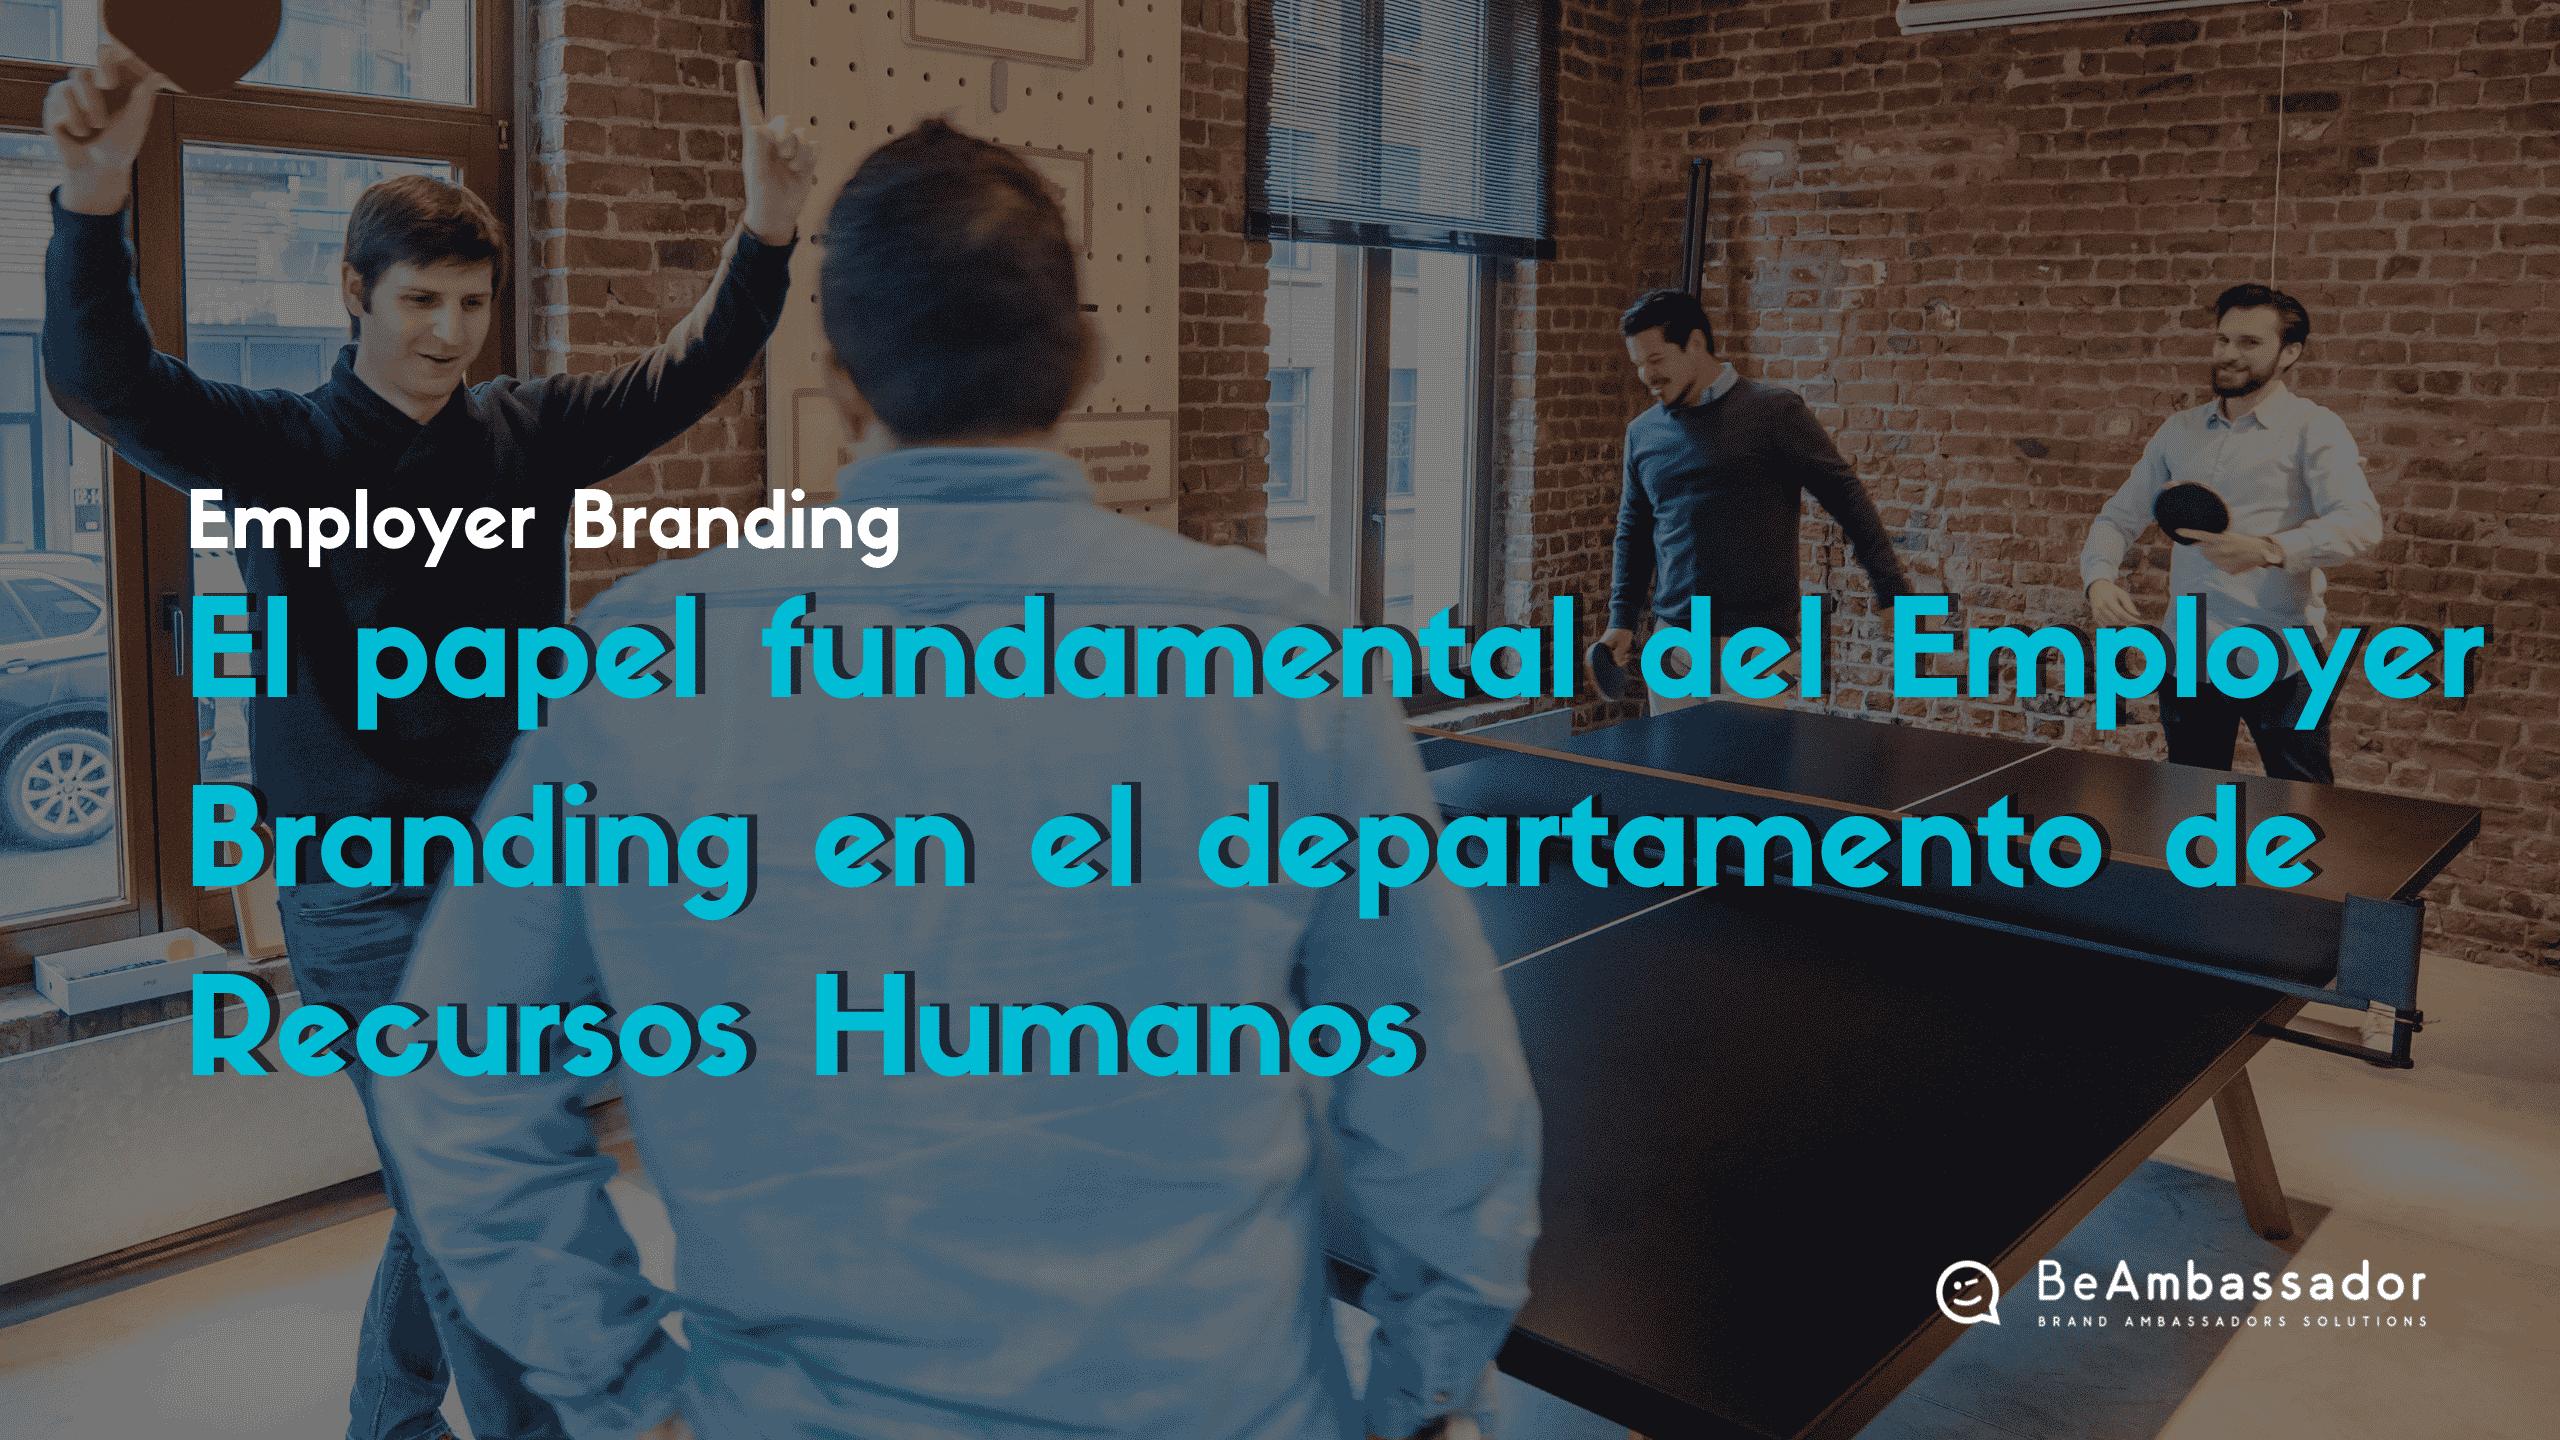 El papel fundamental del Employer Branding en Recursos Humanos